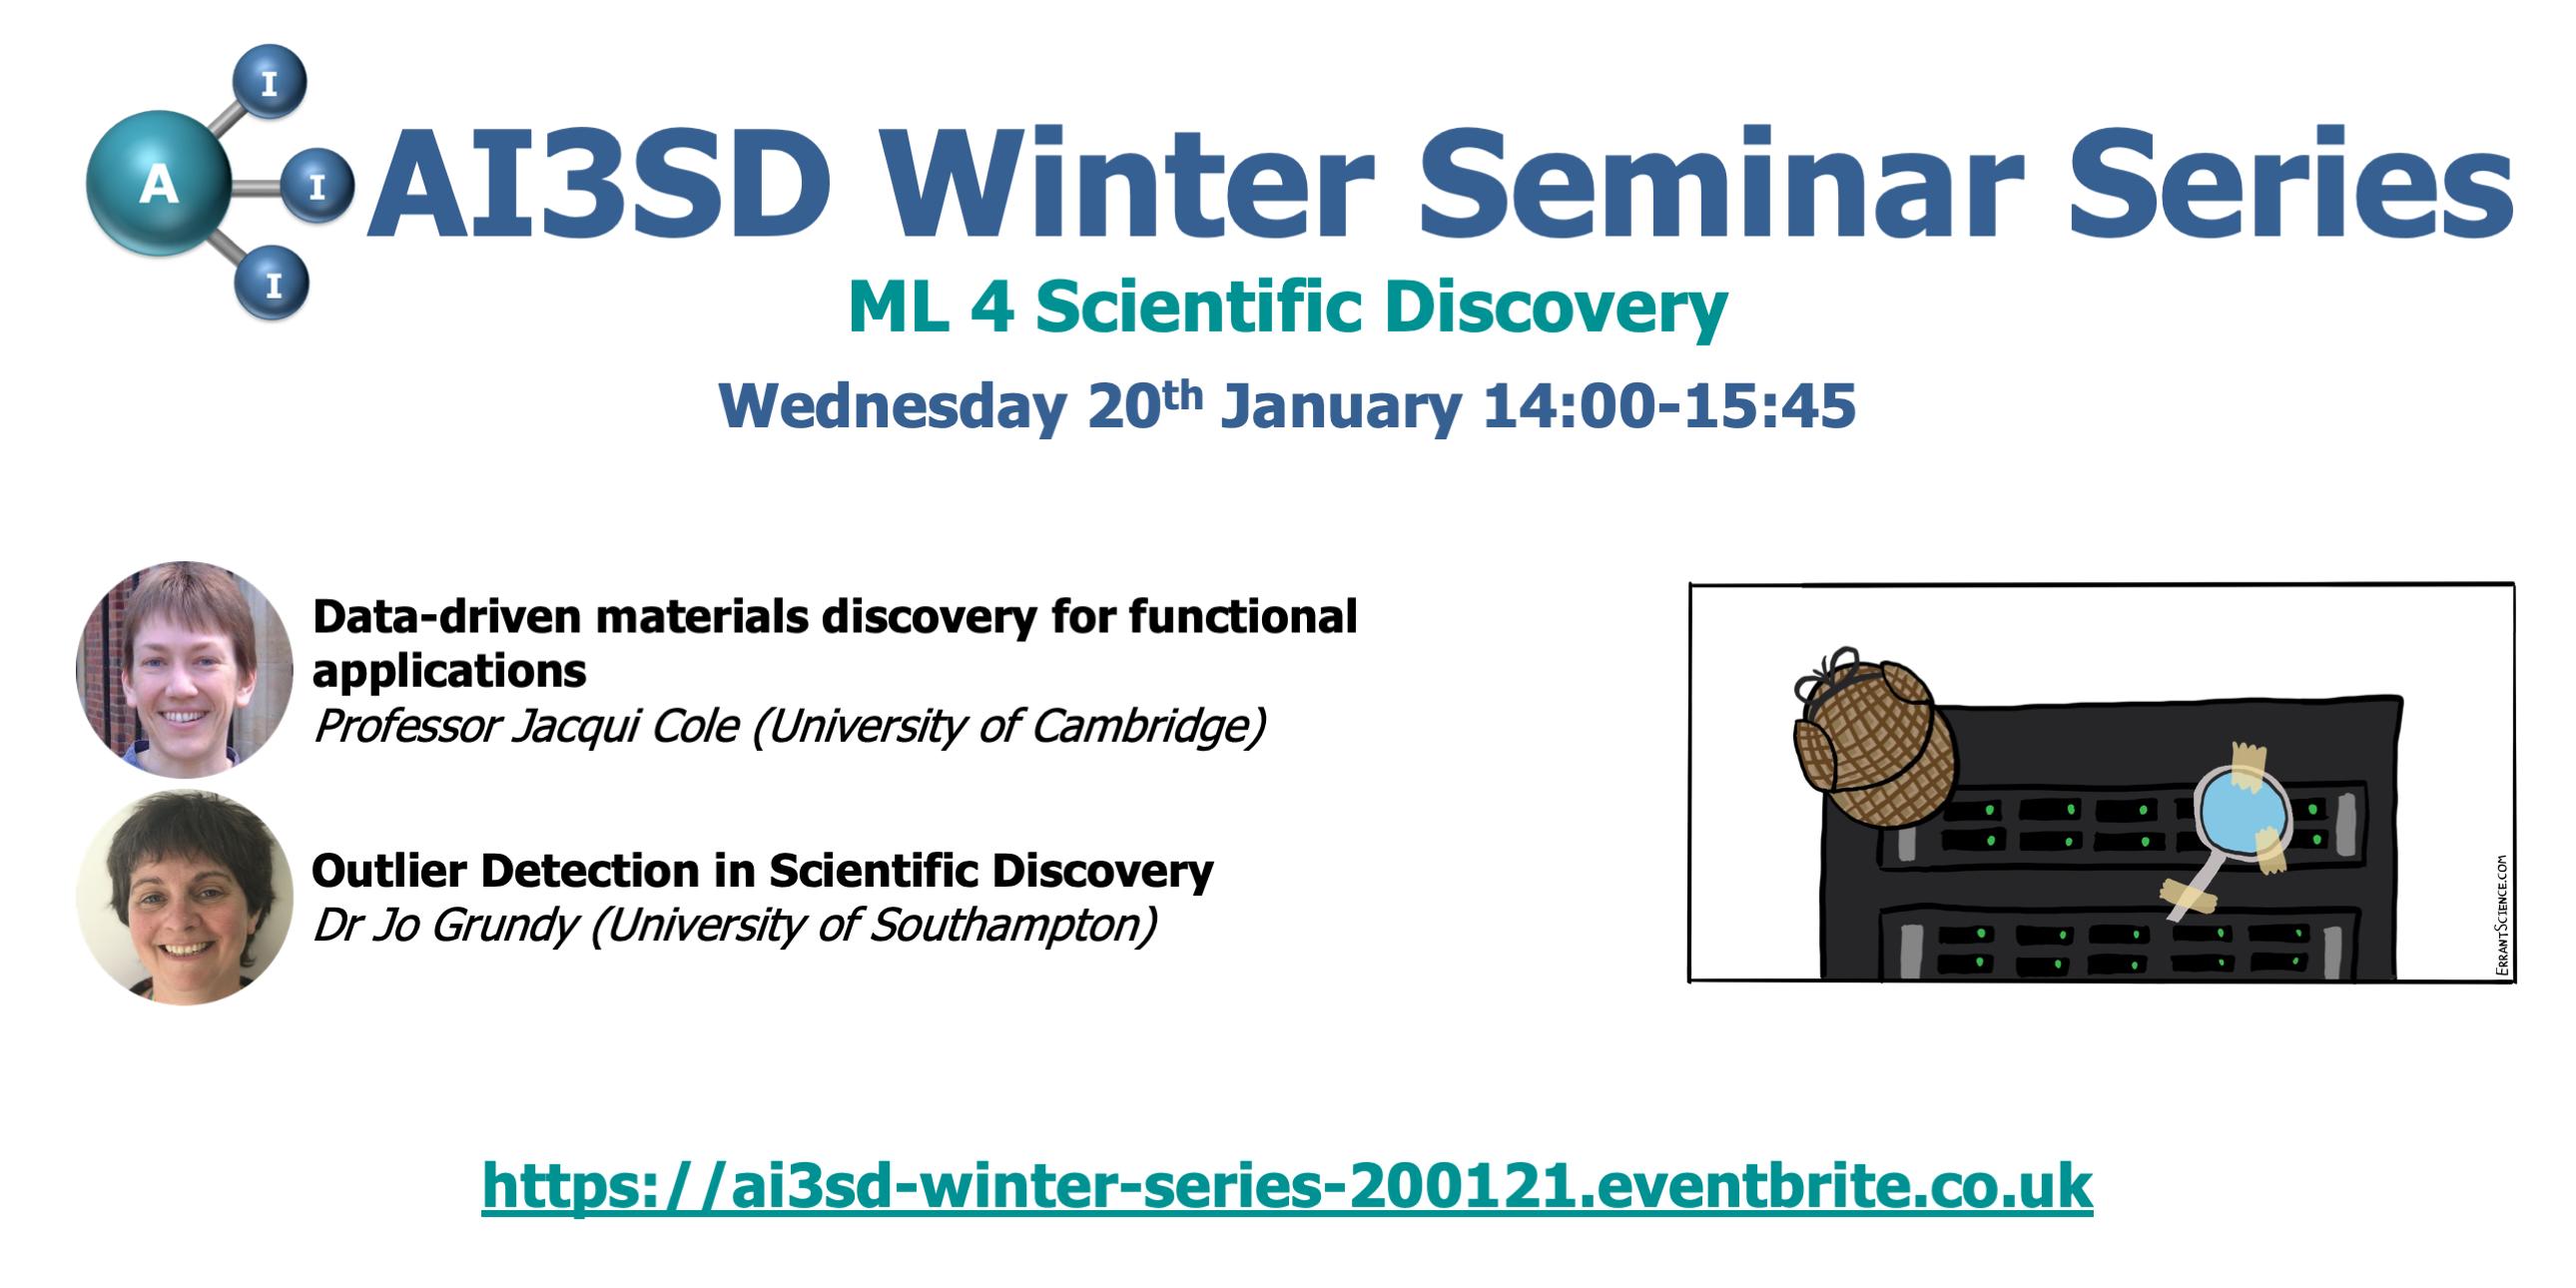 20/01/2020 – AI3SD Winter Seminar Series: ML 4 Scientific Discovery